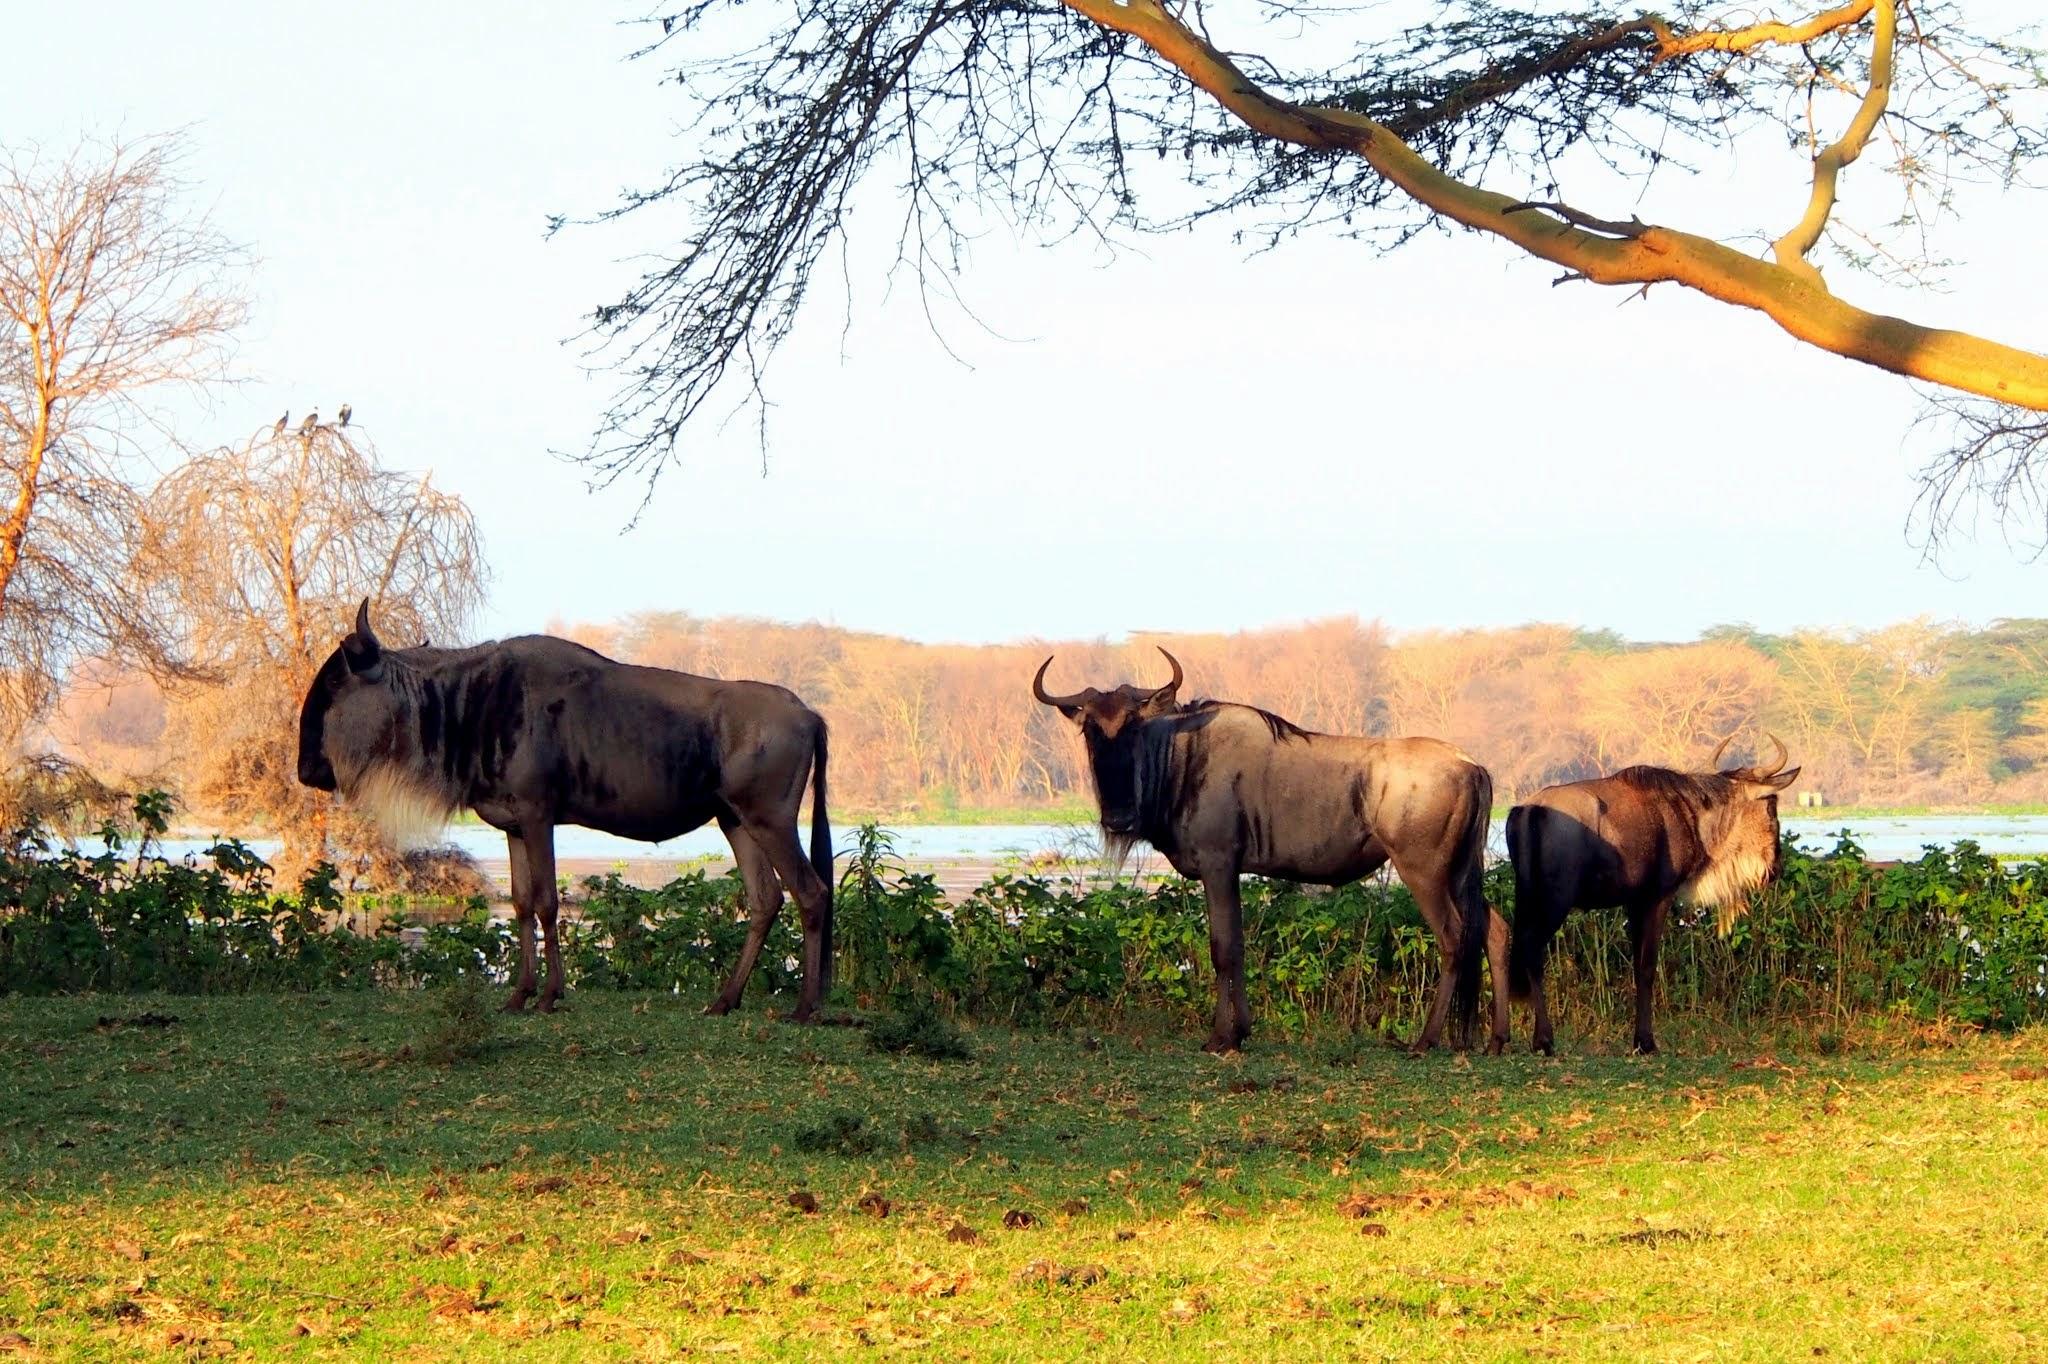 Obrázok 10. Stádo pakoní pásavých, Keňa (foto: M. Hromada).